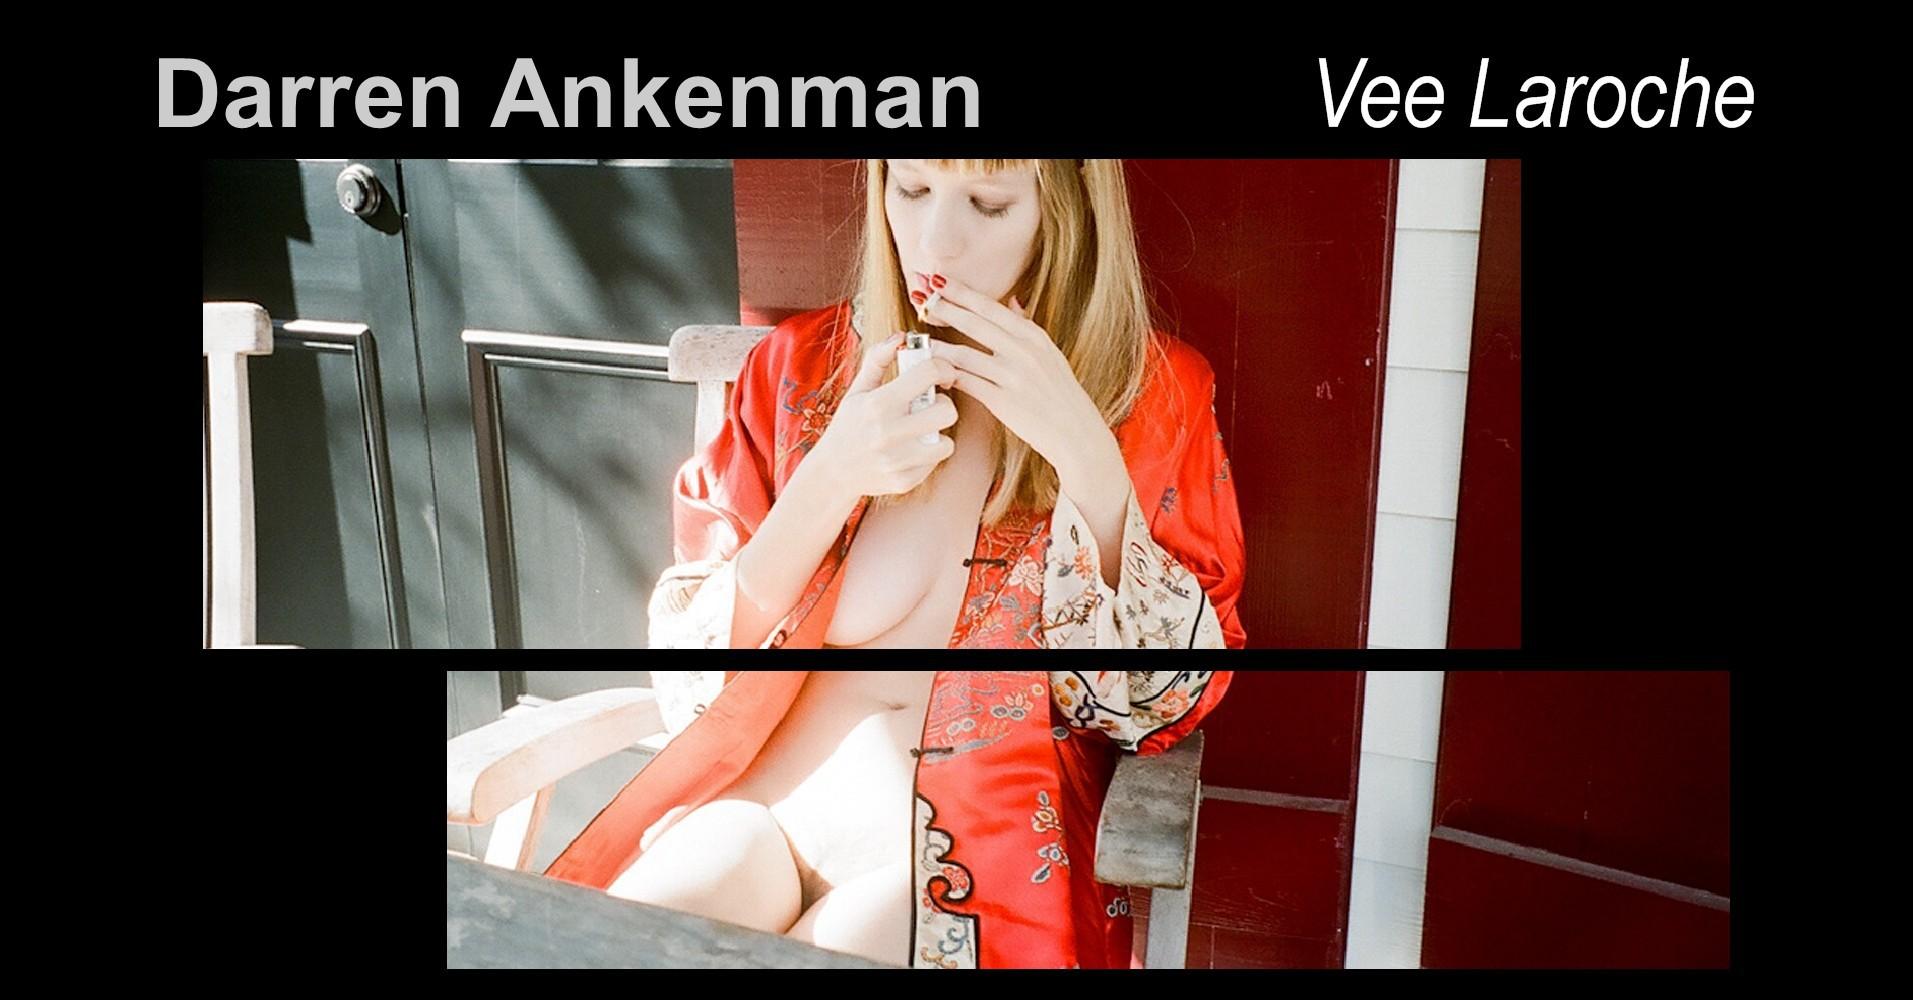 DARREN ANKENMAN - VEE LAROCHE